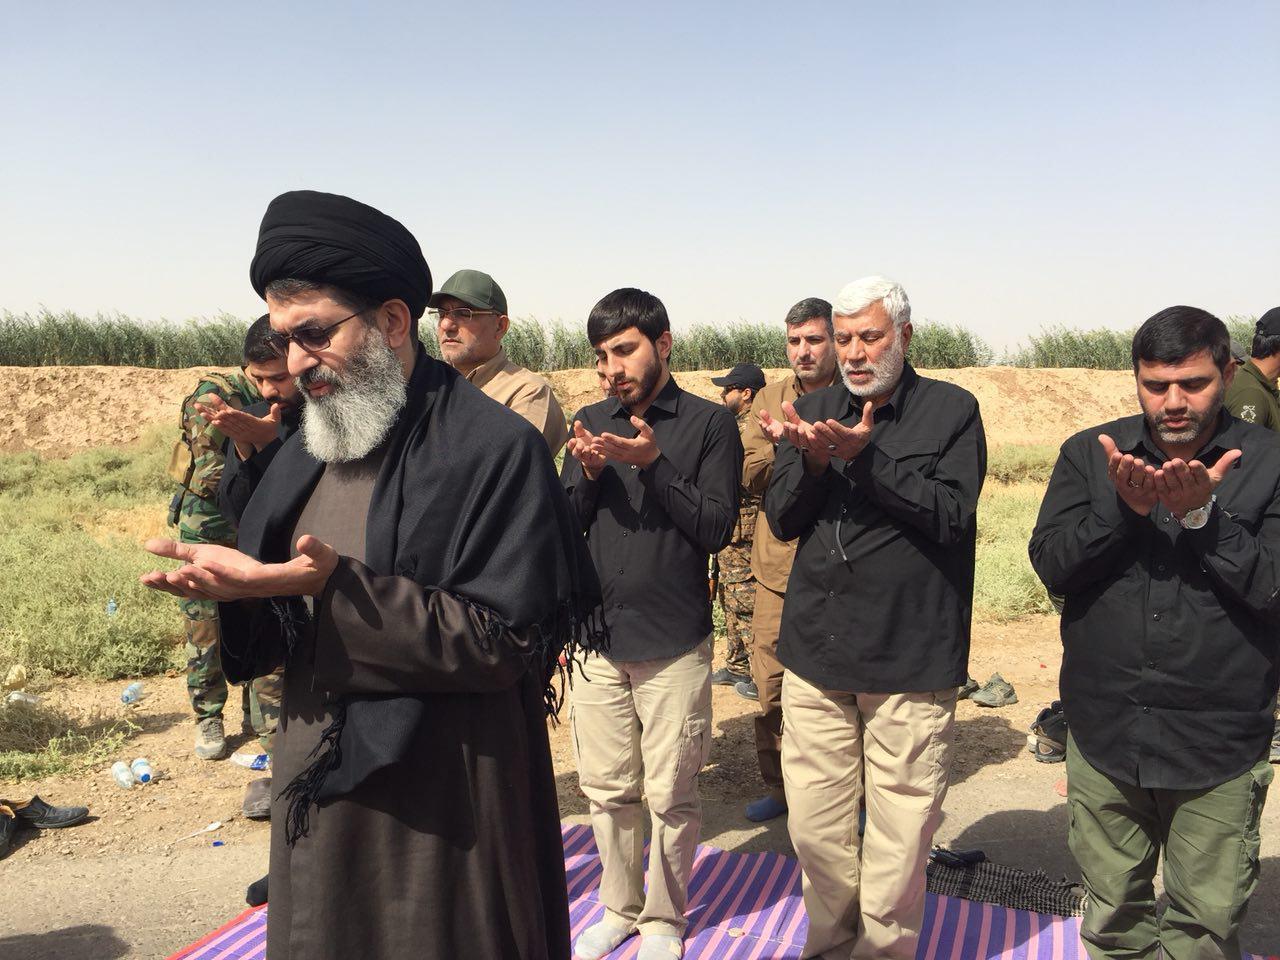 حضور سید هاشم الحیدری به همراه فرماندهان بسیج مردمی در منطقه حویجه